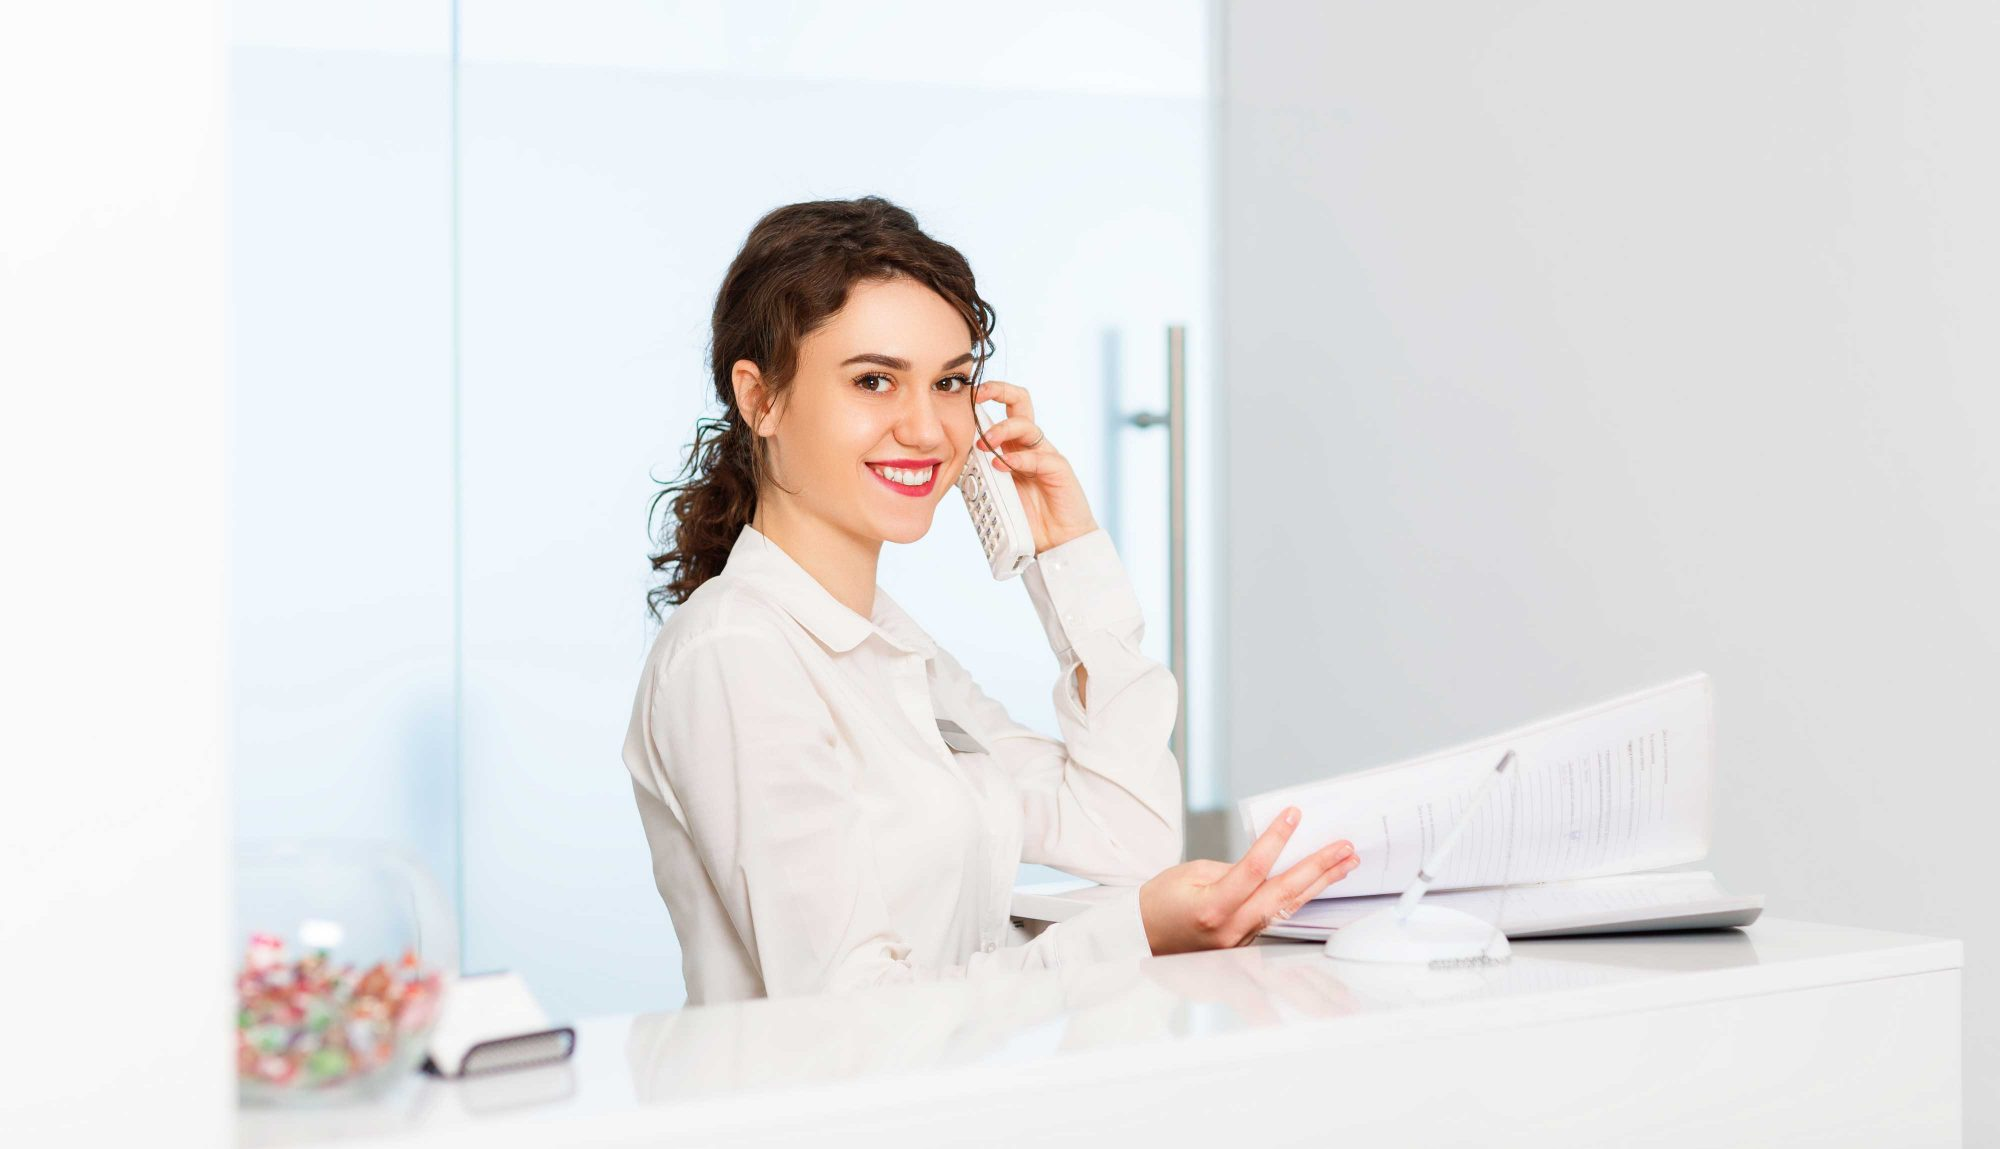 Eine MPA wünscht viel Erfolg in der Arbeitswelt